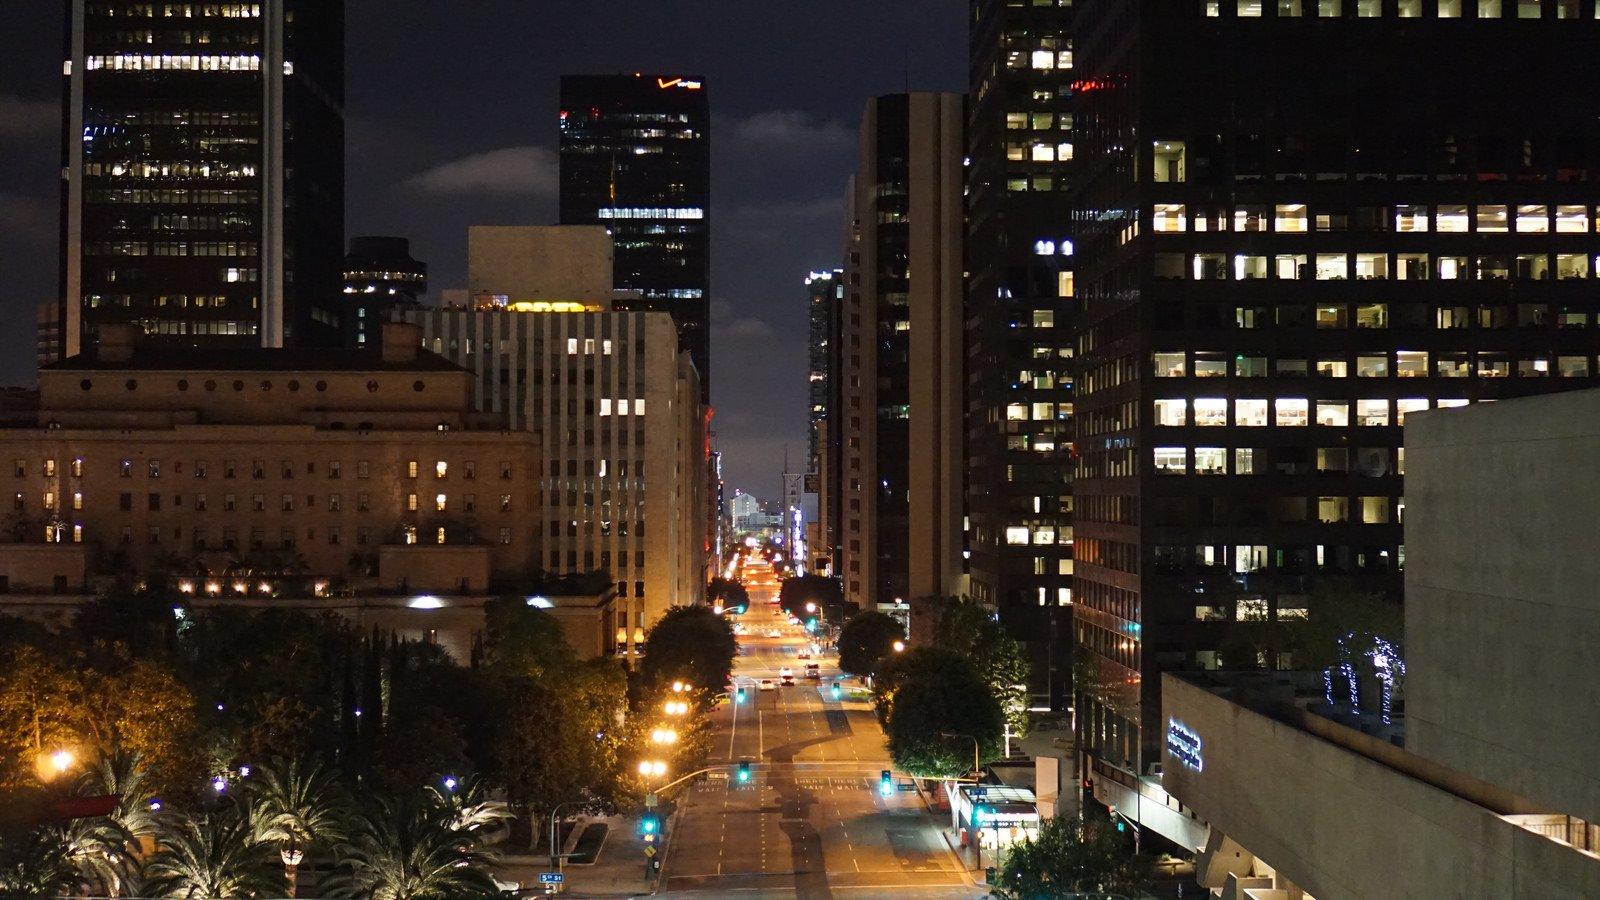 реальности улицы лос анджелеса фото на рабочий стол моется коже фото